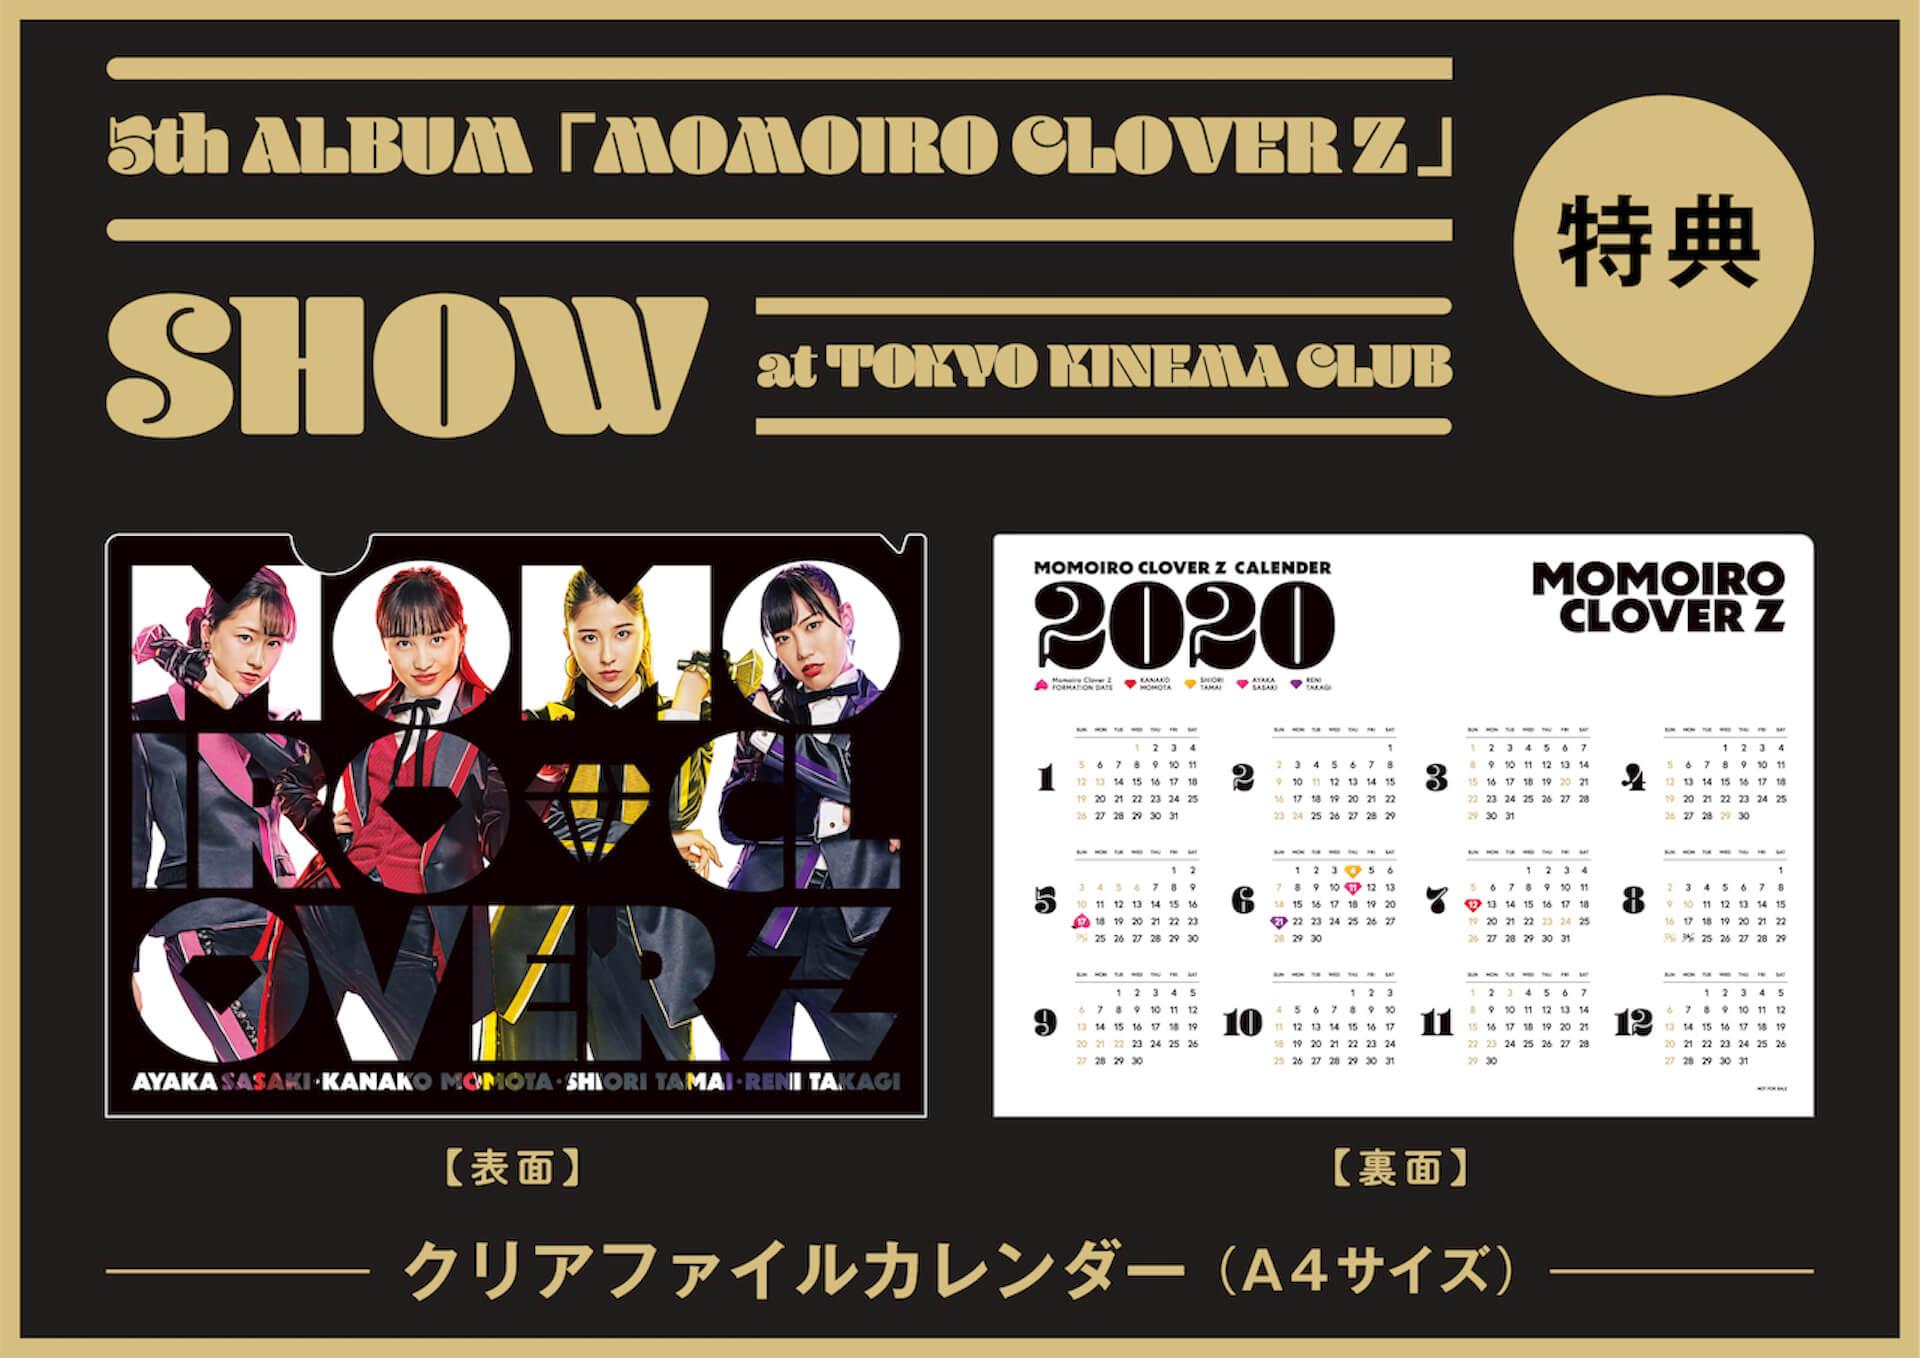 ももいろクローバーZ、東京キネマ倶楽部での公演Blu-ray&DVDと『MOMOIRO CLOVER Z』アナログ盤のジャケット写真公開!応援店特典も解禁 music191202_momokuro_kinema_6